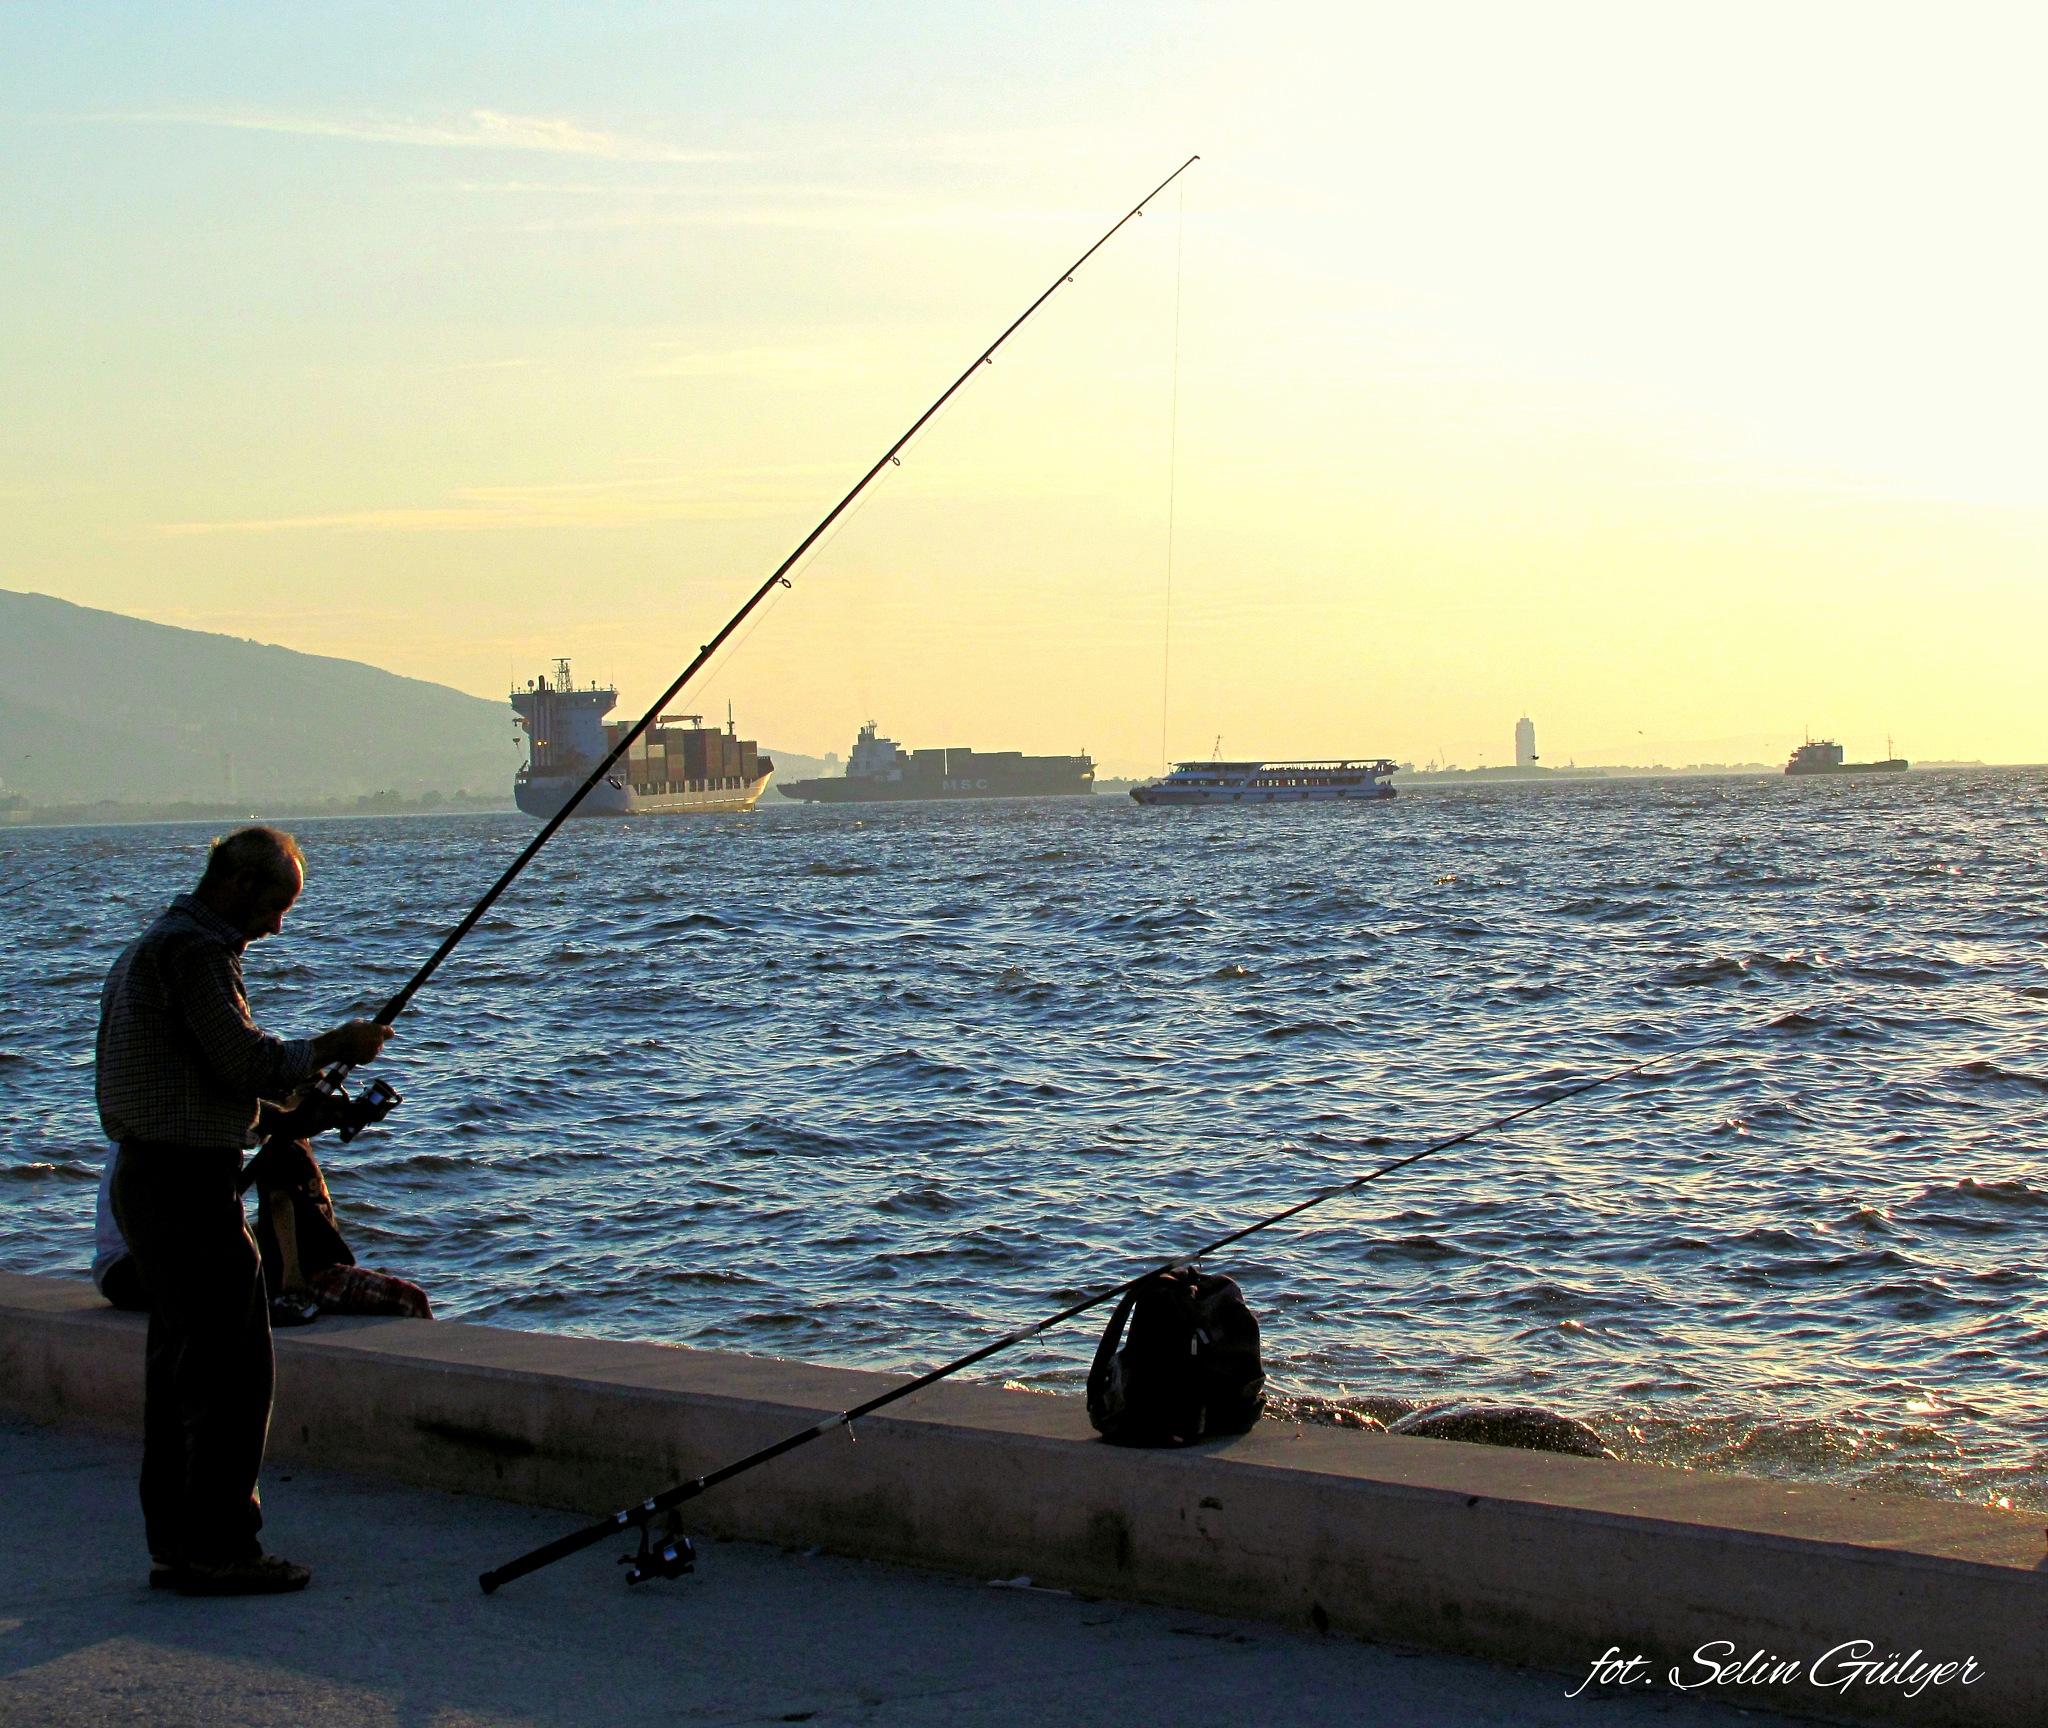 Balıkçı by selingulyer